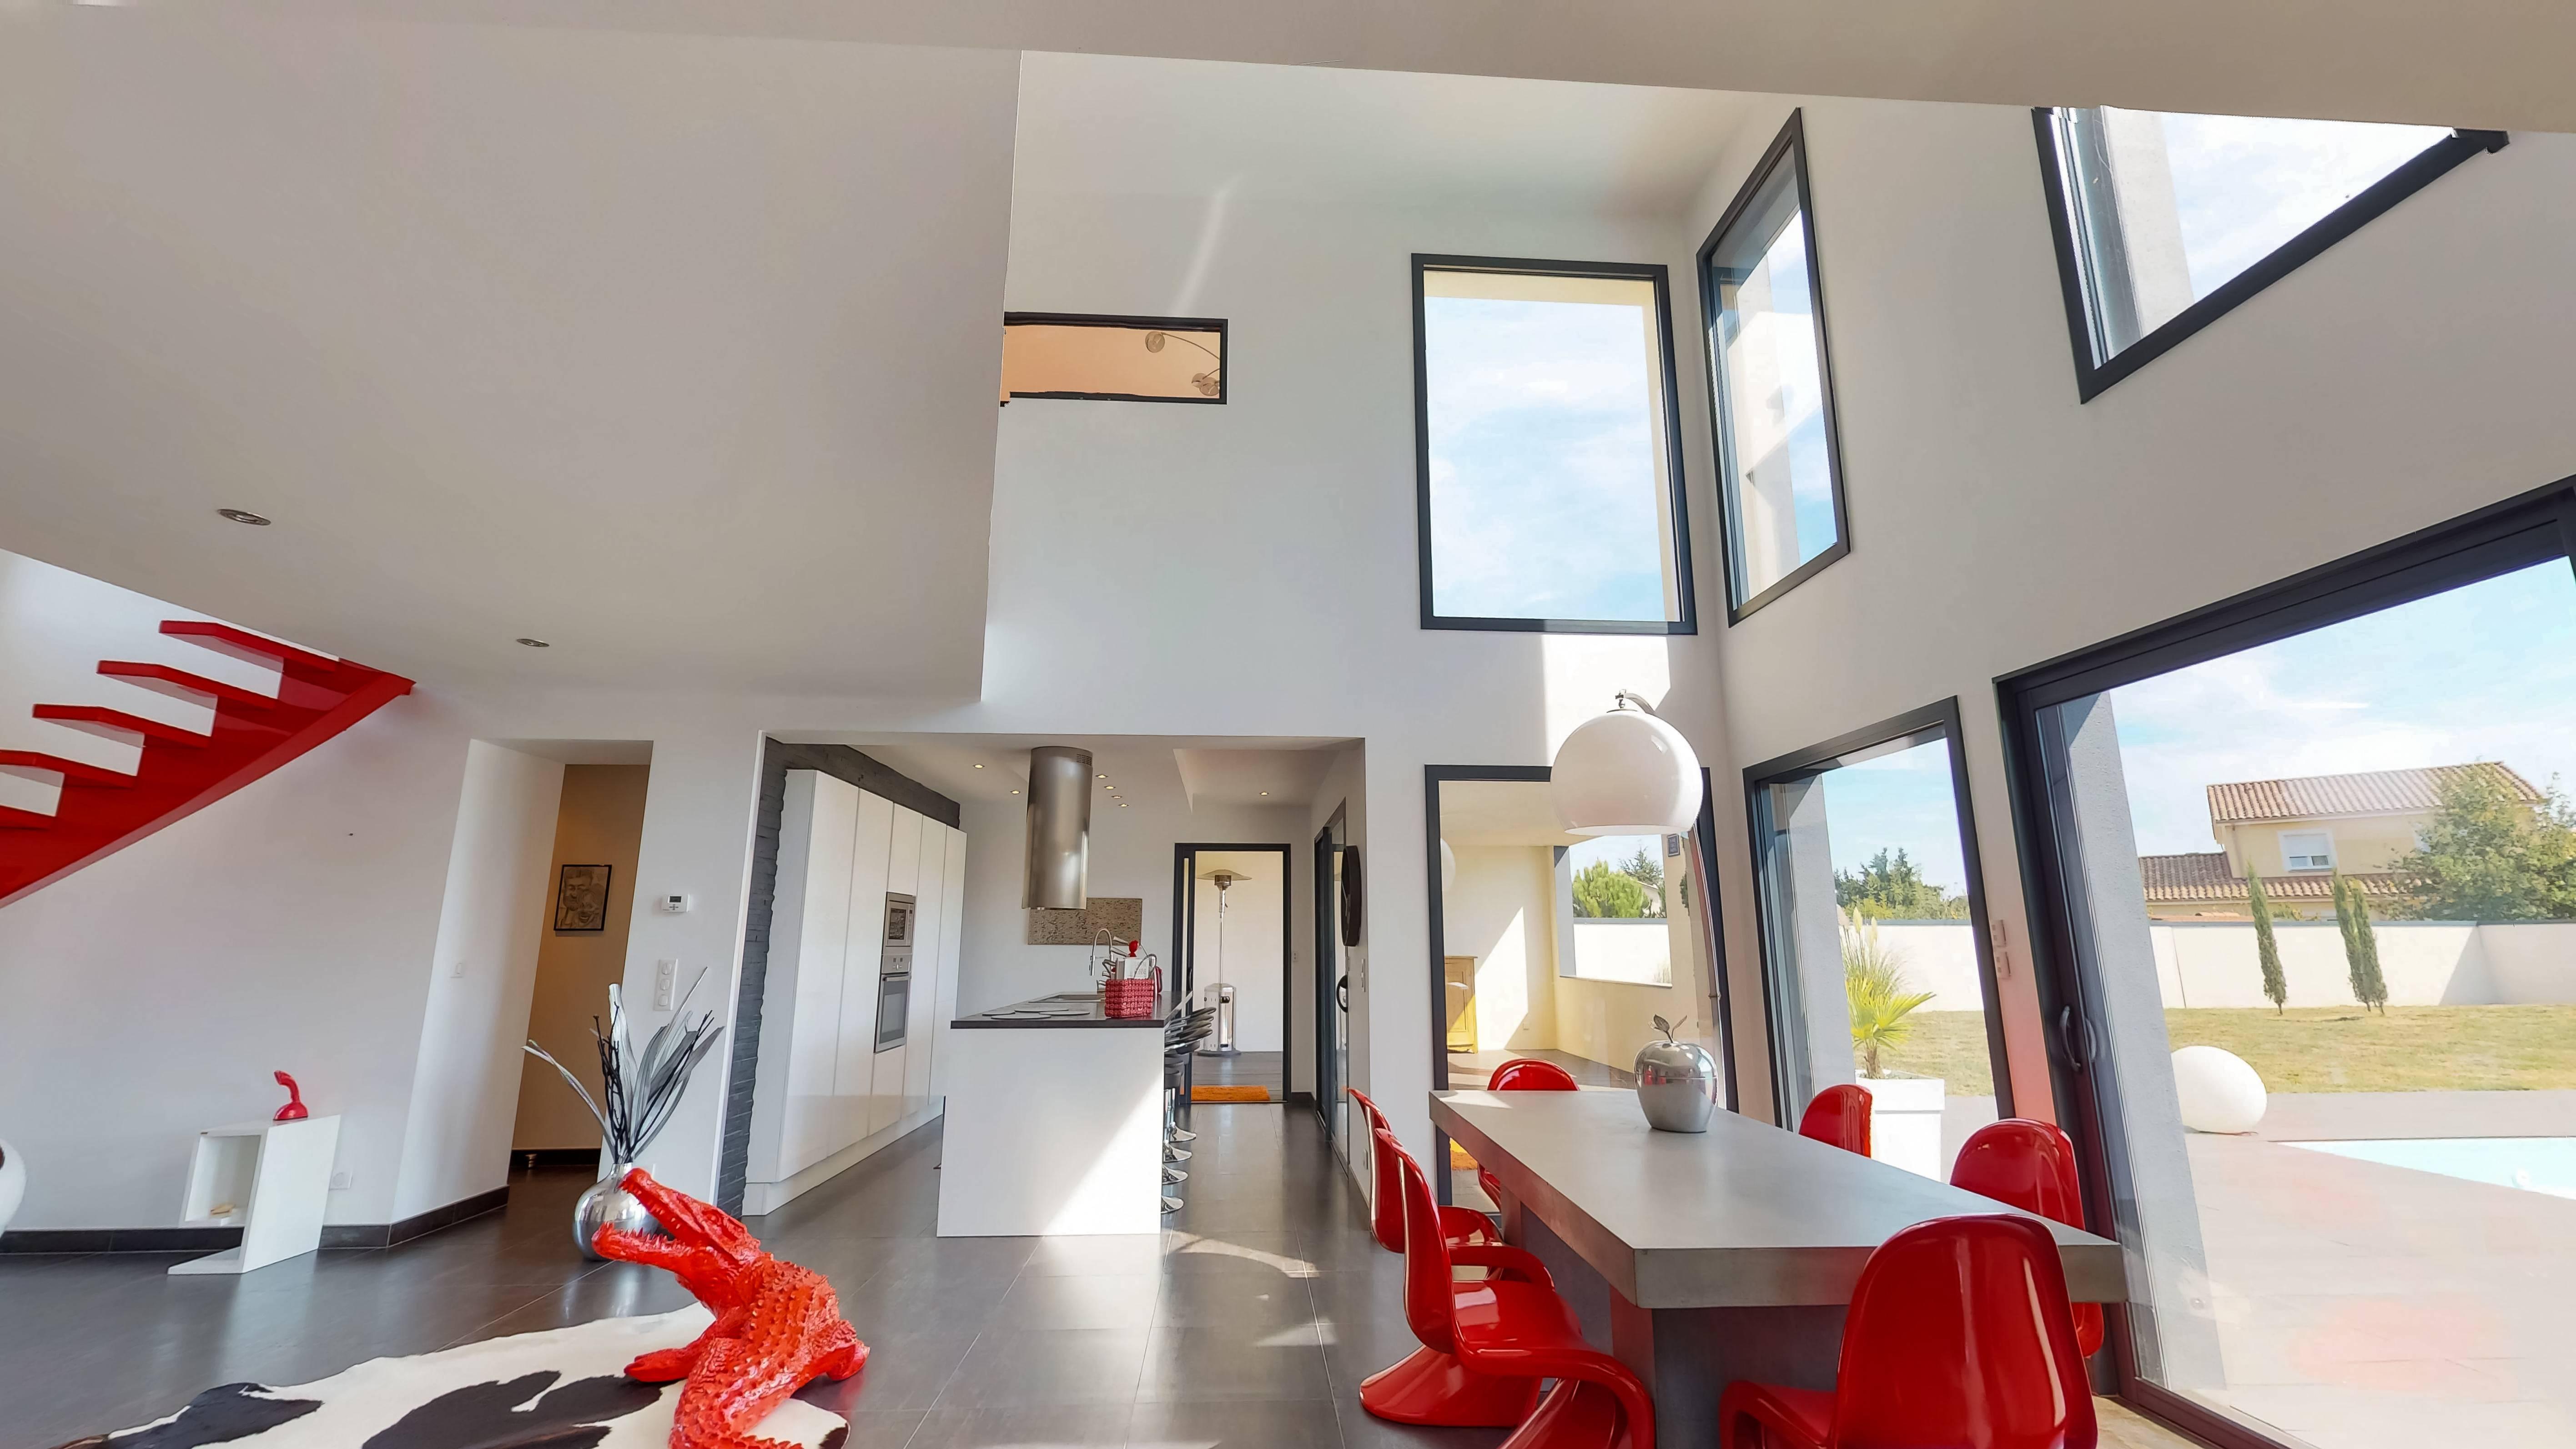 Maison-Villefranche-sur-Saone-184-m2-salle-a-manger (2)